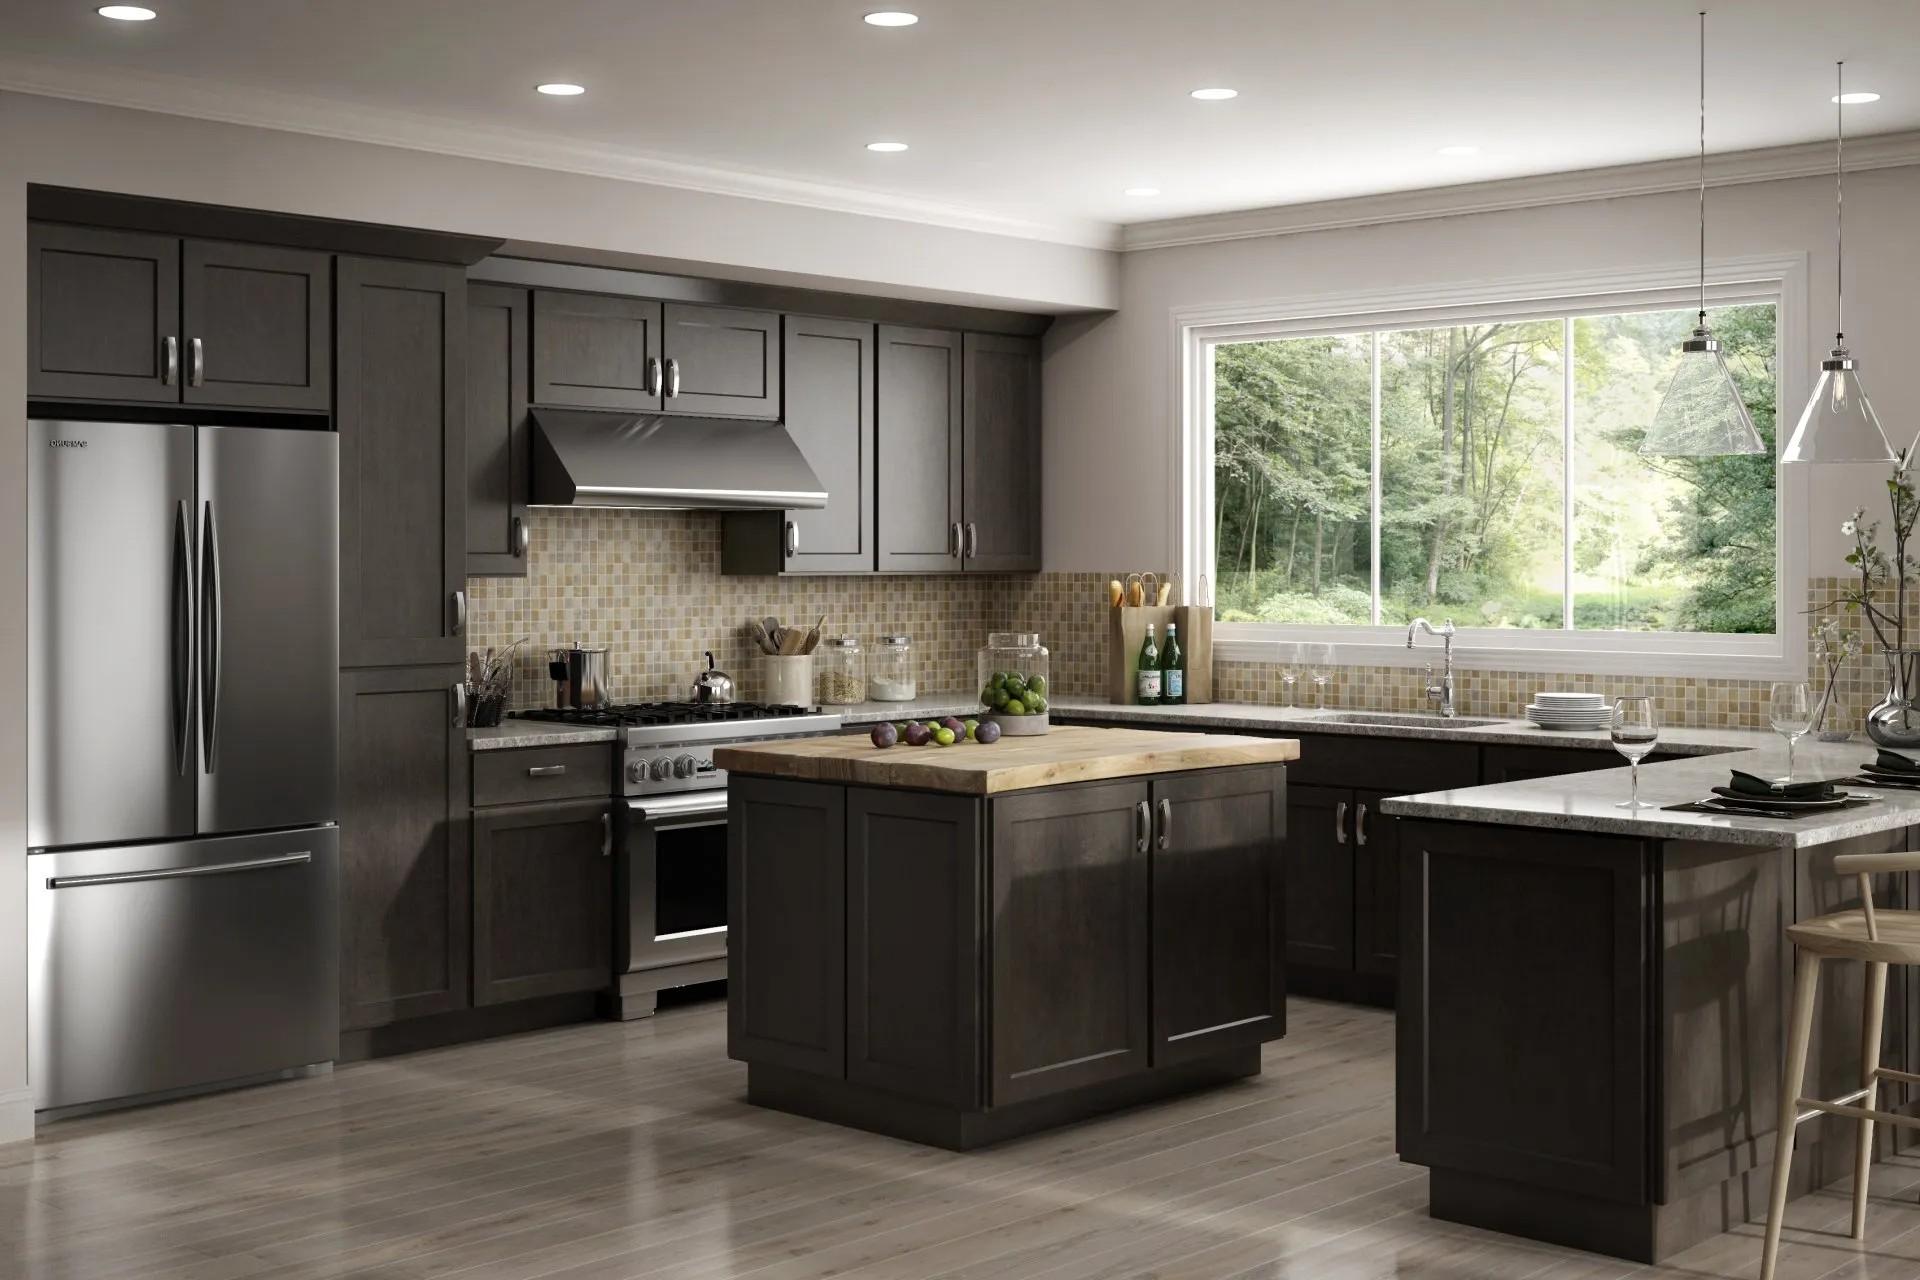 AisDecor cheap white shaker kitchen cabinets wholesale-1